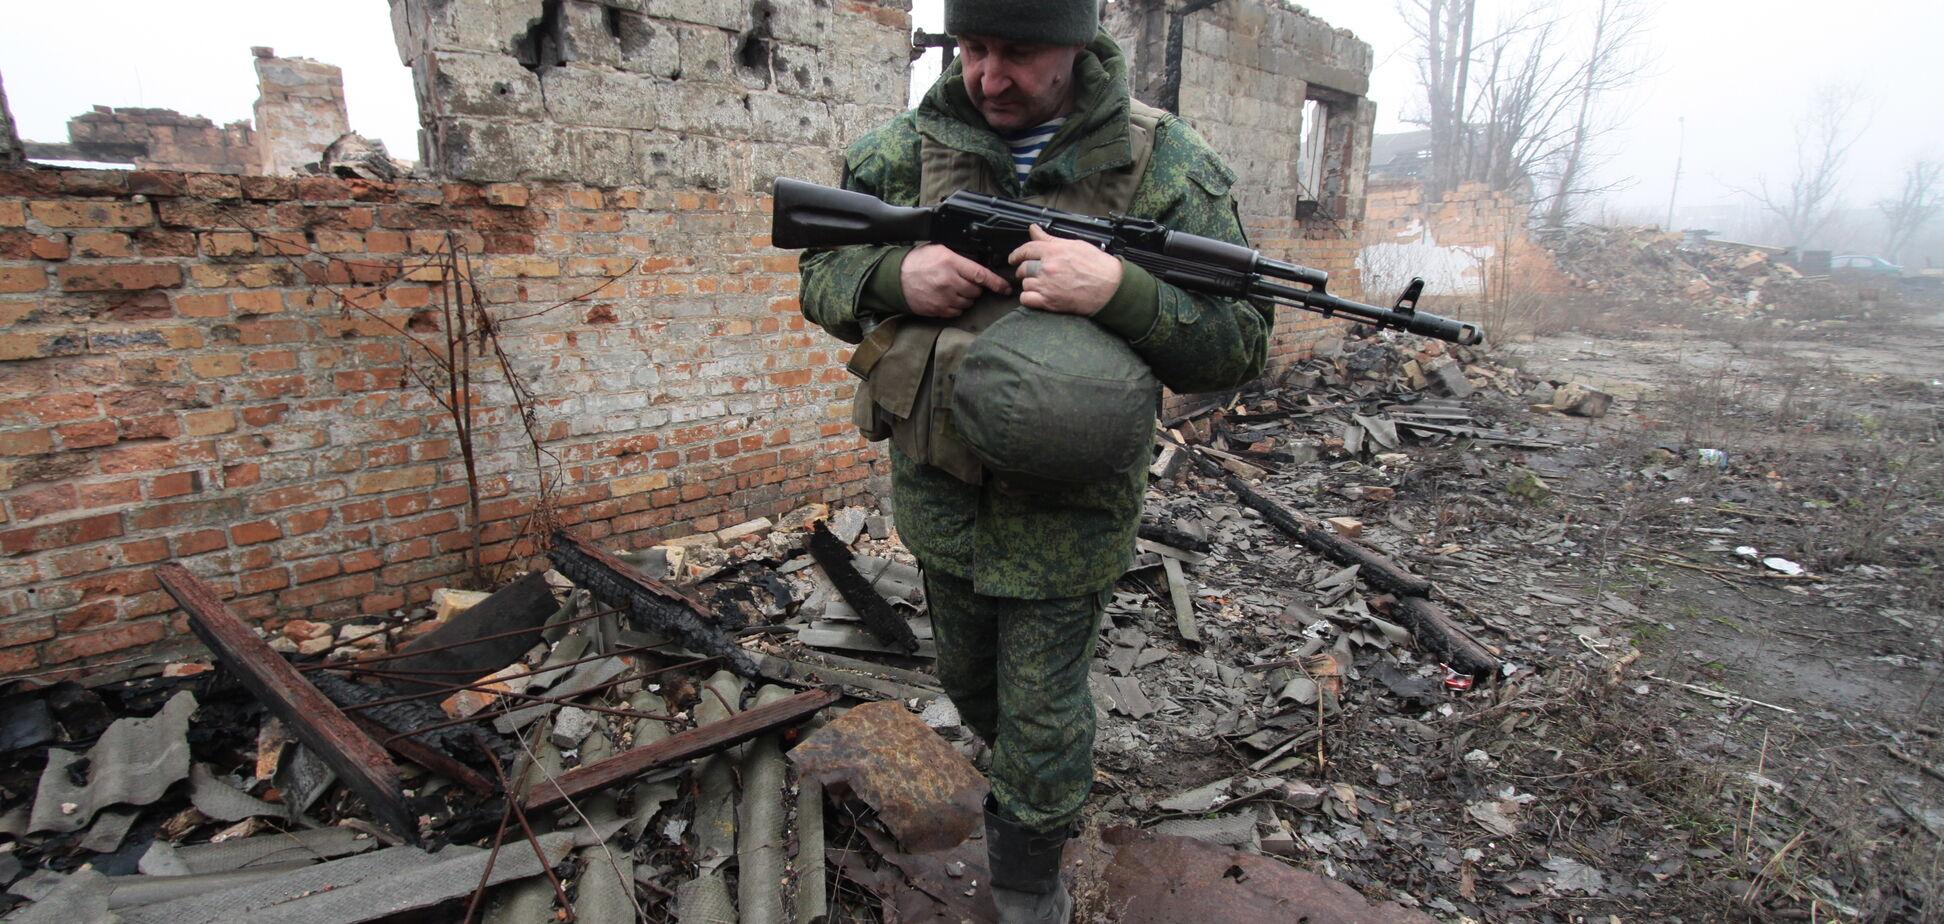 'Грошей не шкодують': Росію звинуватили в небезпечних випробуваннях в Україні